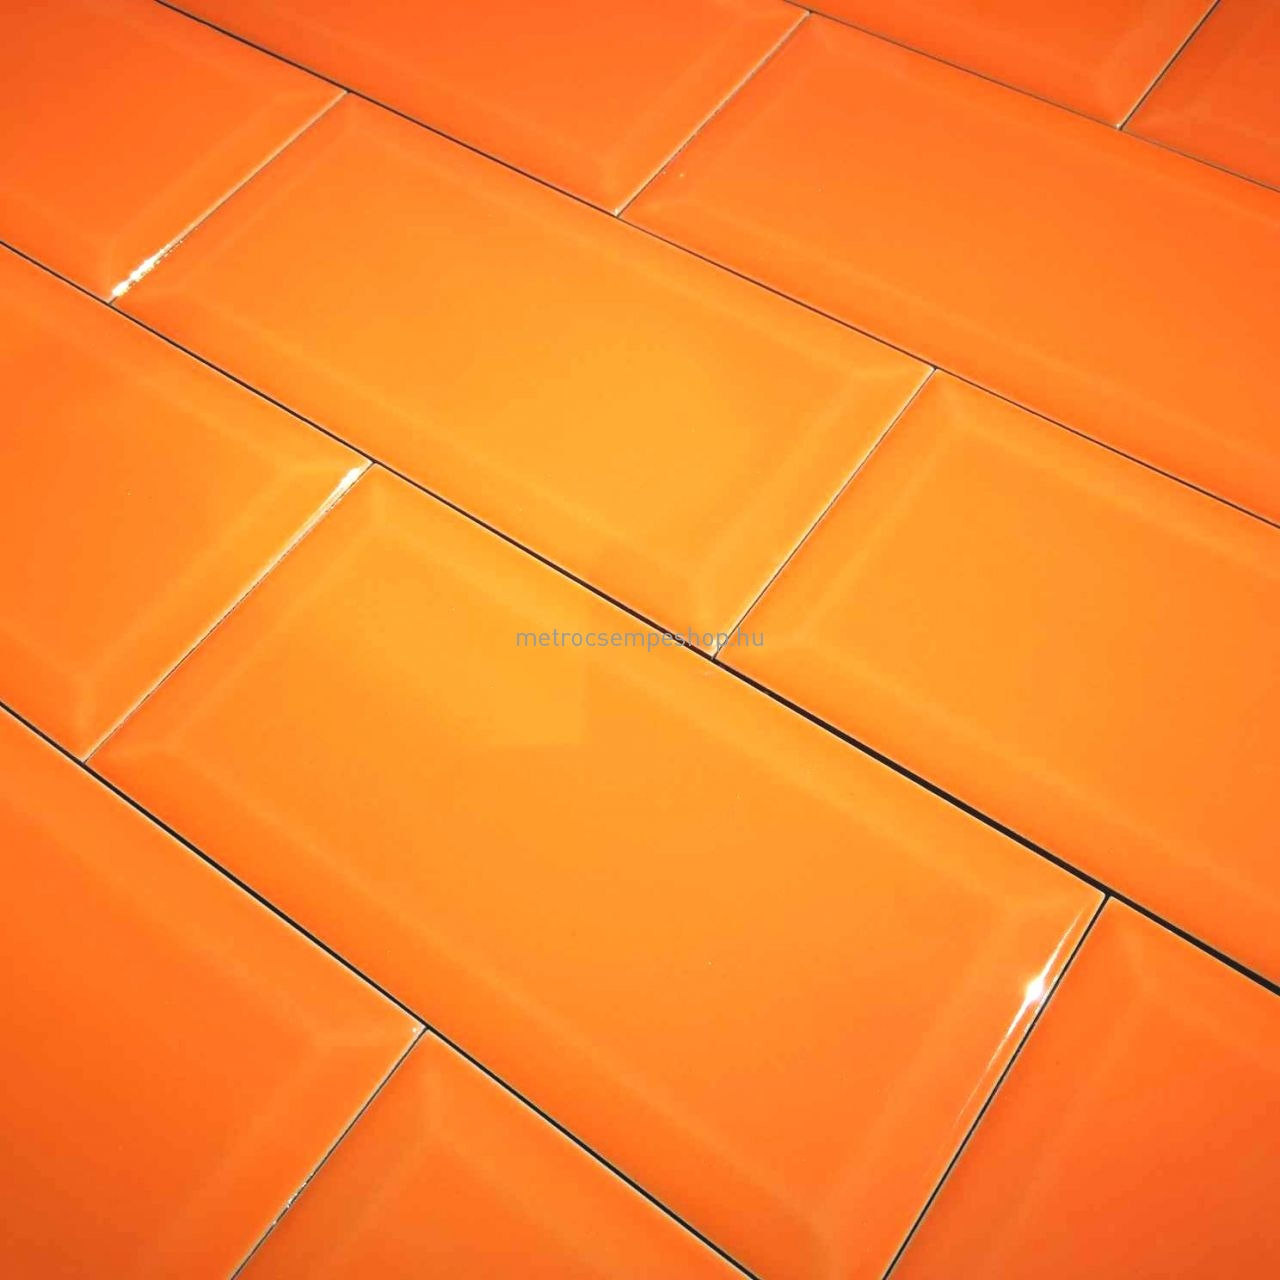 narancssárga opció)